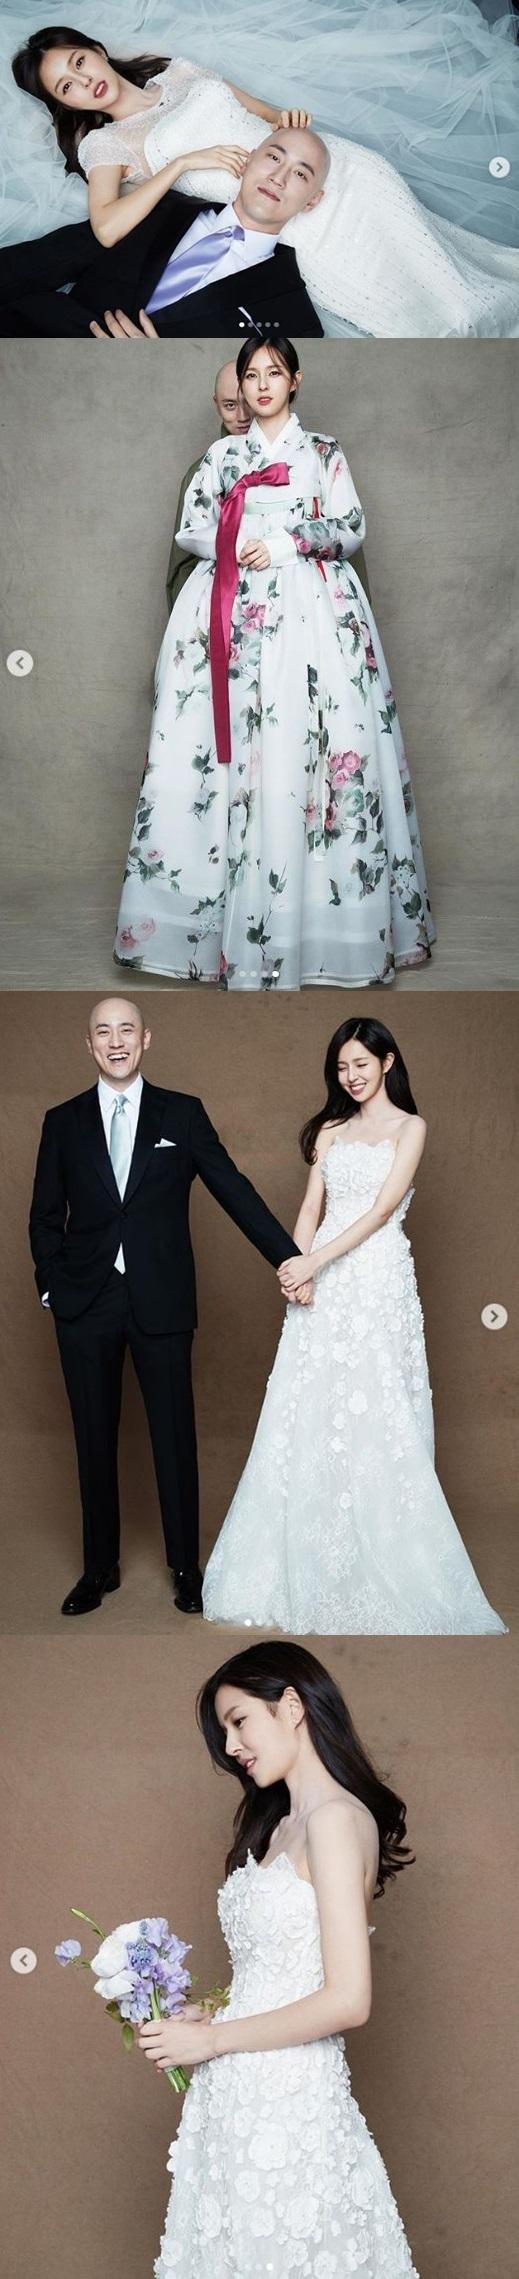 '두산家 며느리' 조수애 前아나, 달달 웨딩화보 공개